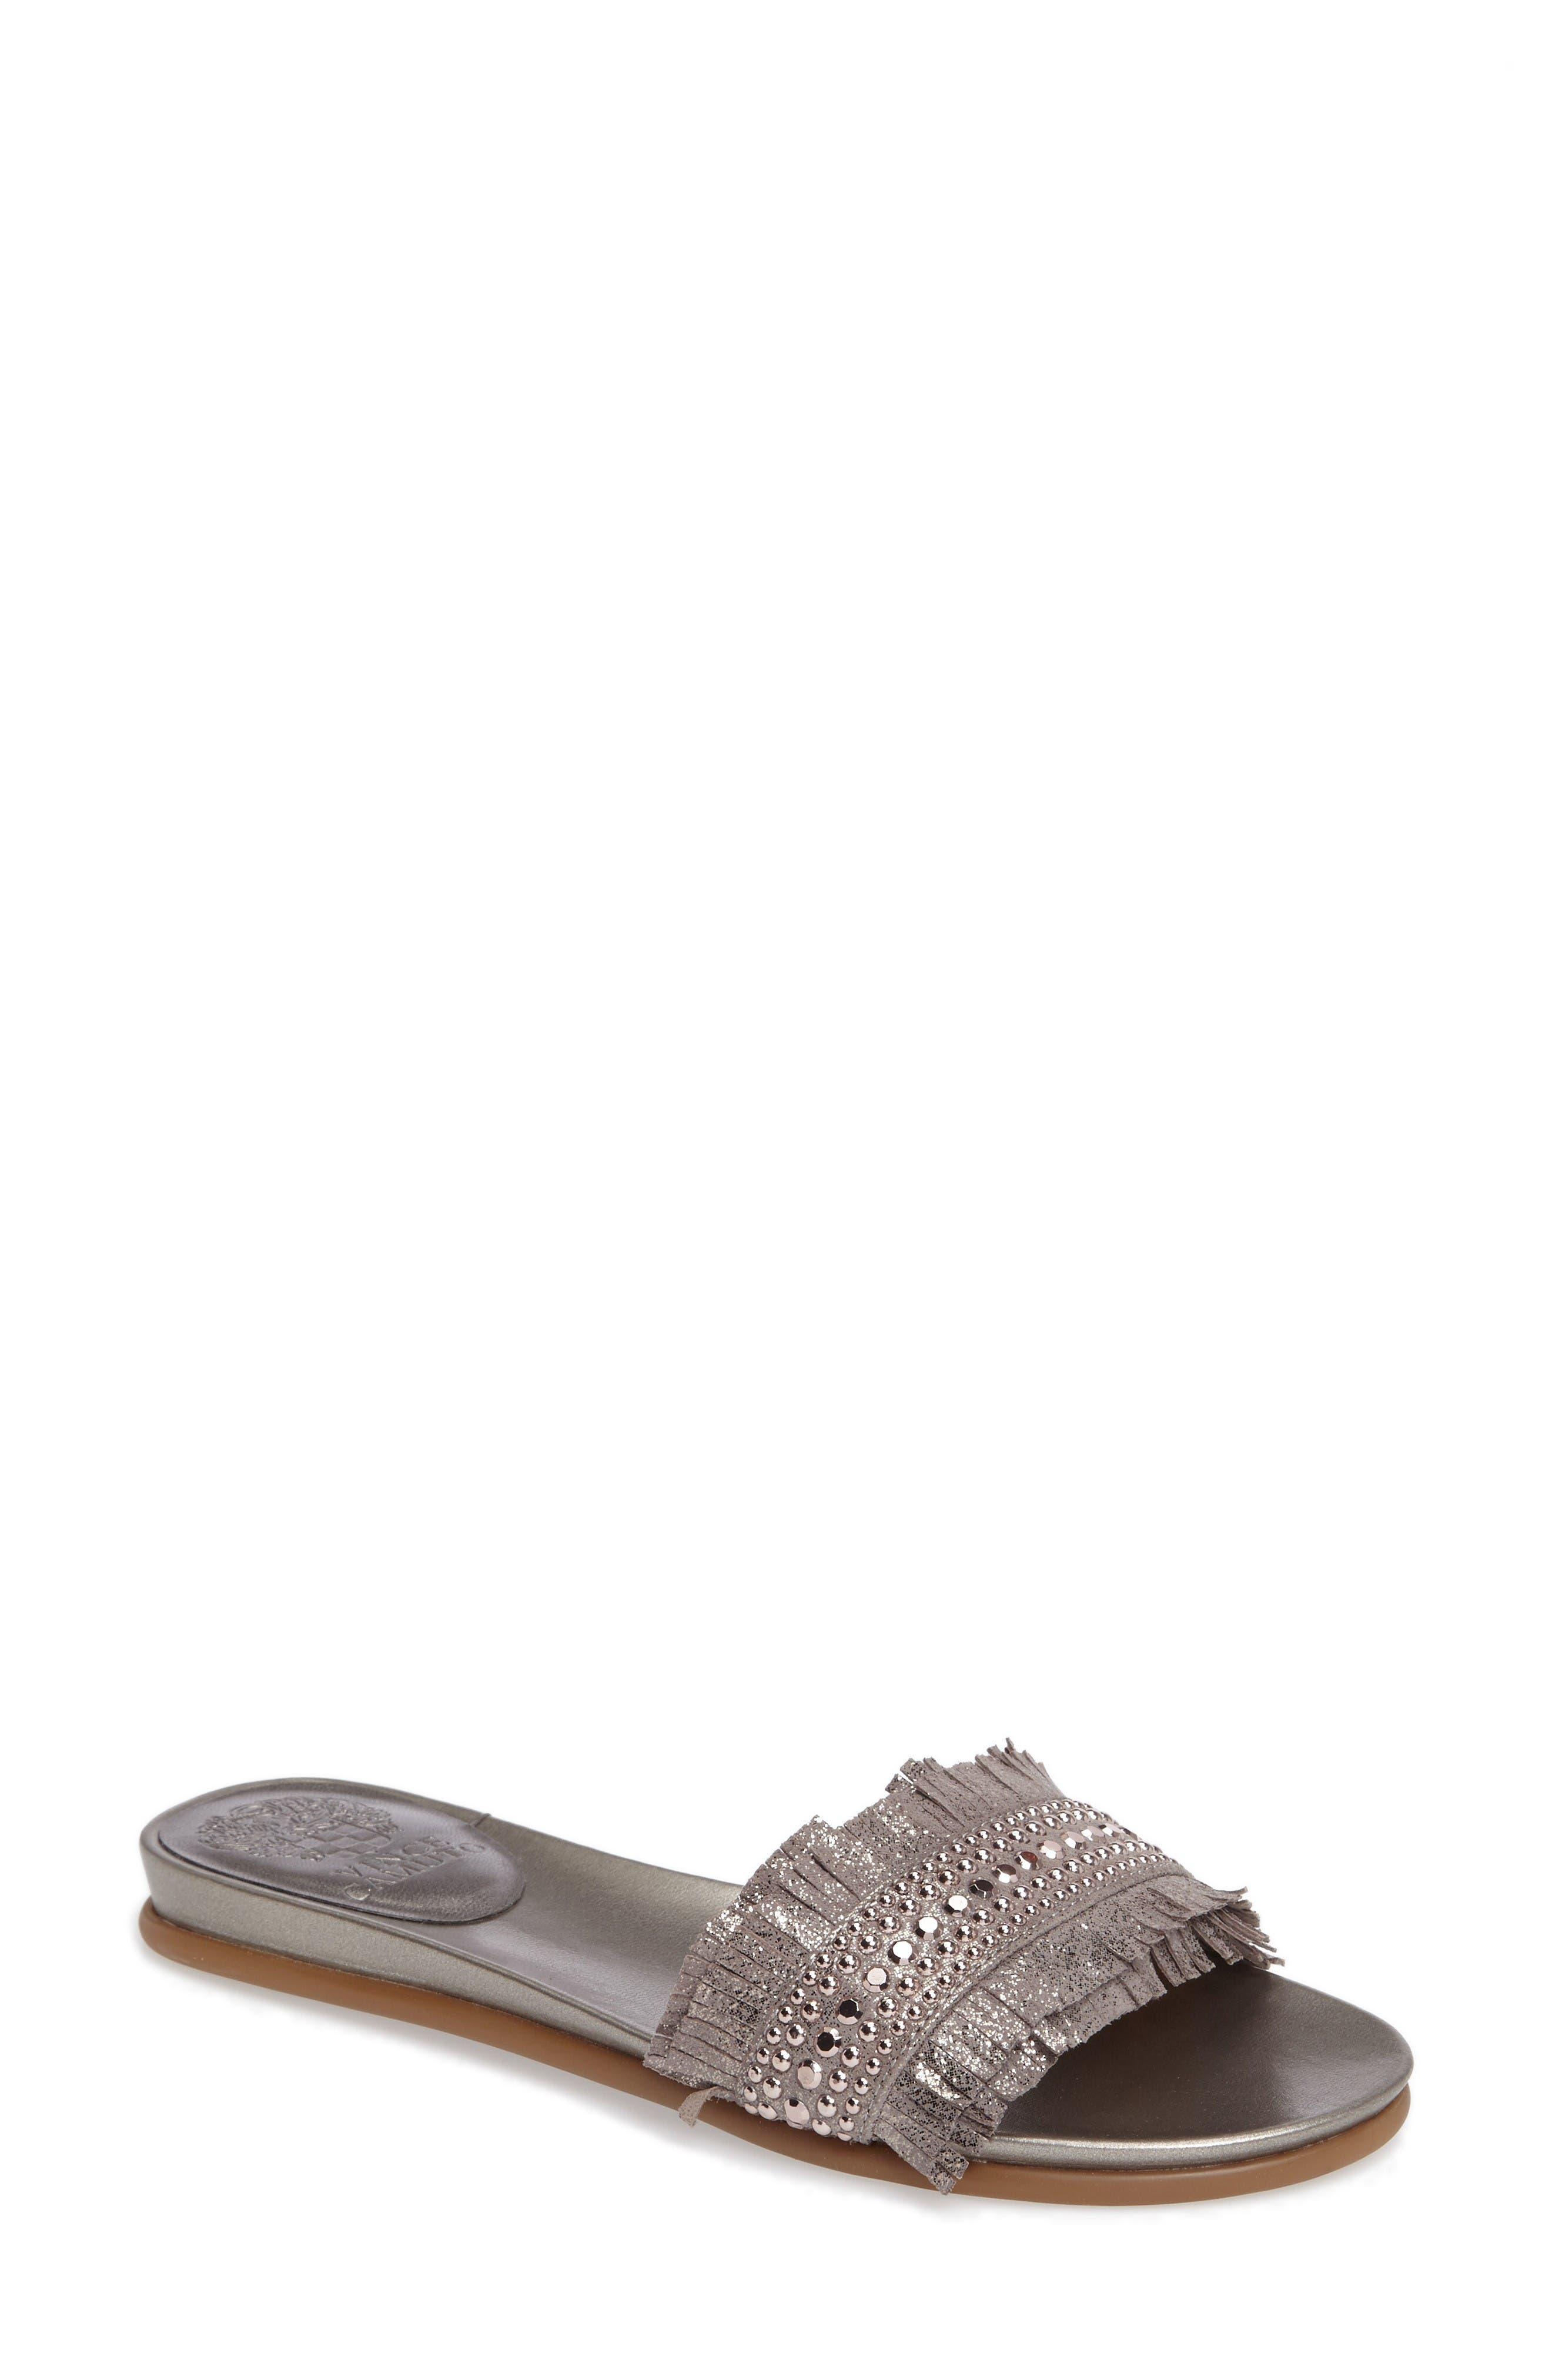 Ettina Fringed Slide Sandal,                         Main,                         color, Metal Grey Suede